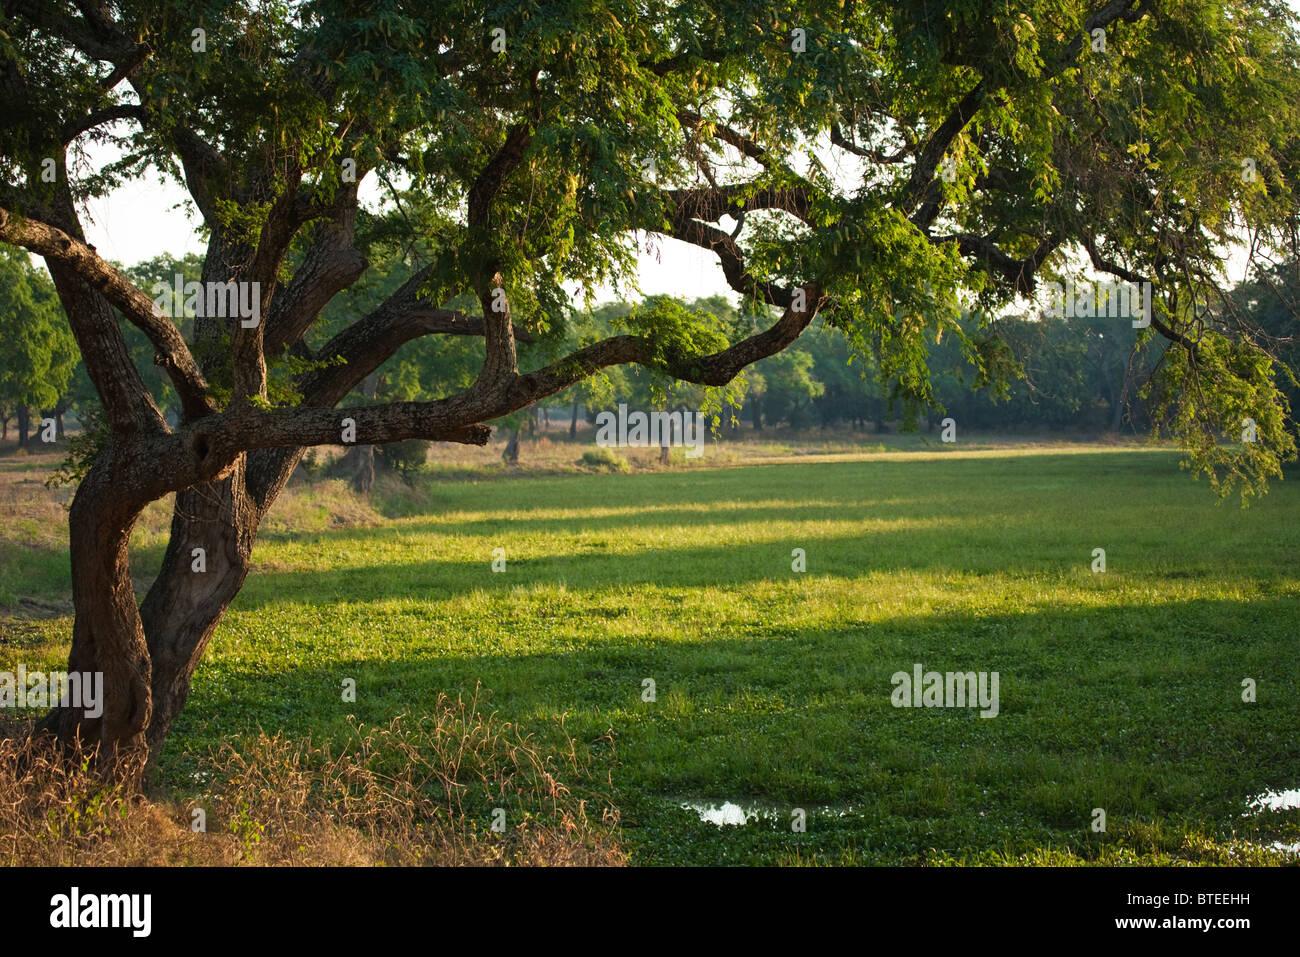 Reizvolle Aussicht auf einen einsamen Albida Baum am Rande eines saisonalen Pan in üppigen grünen Schilfen Stockbild